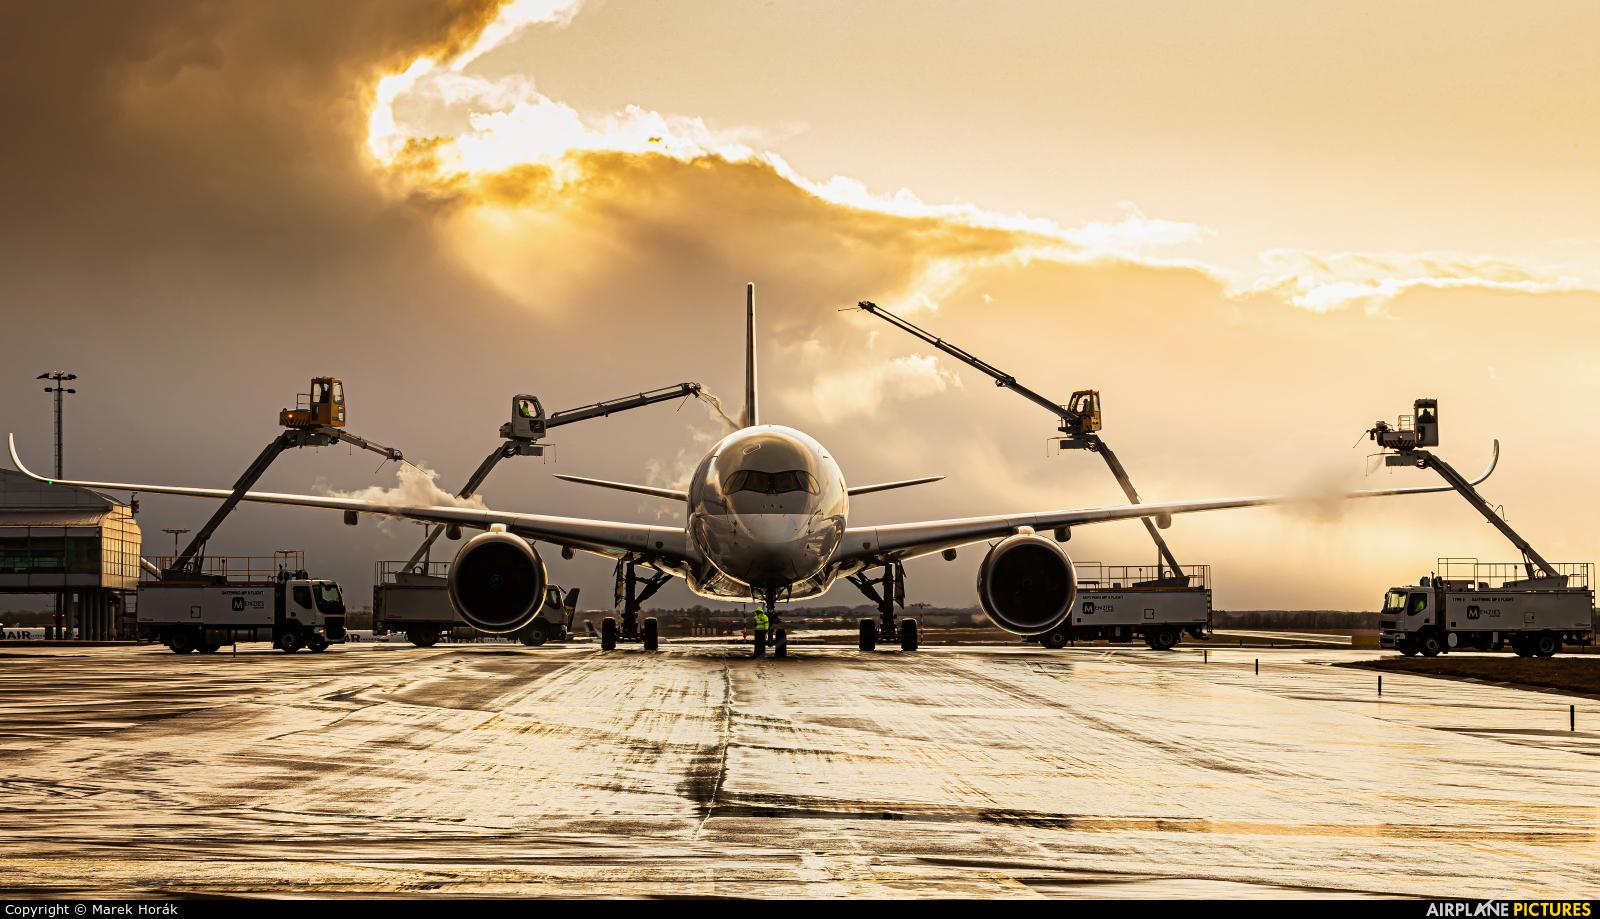 Qatar Airways A7-ALC aircraft at Prague - Václav Havel